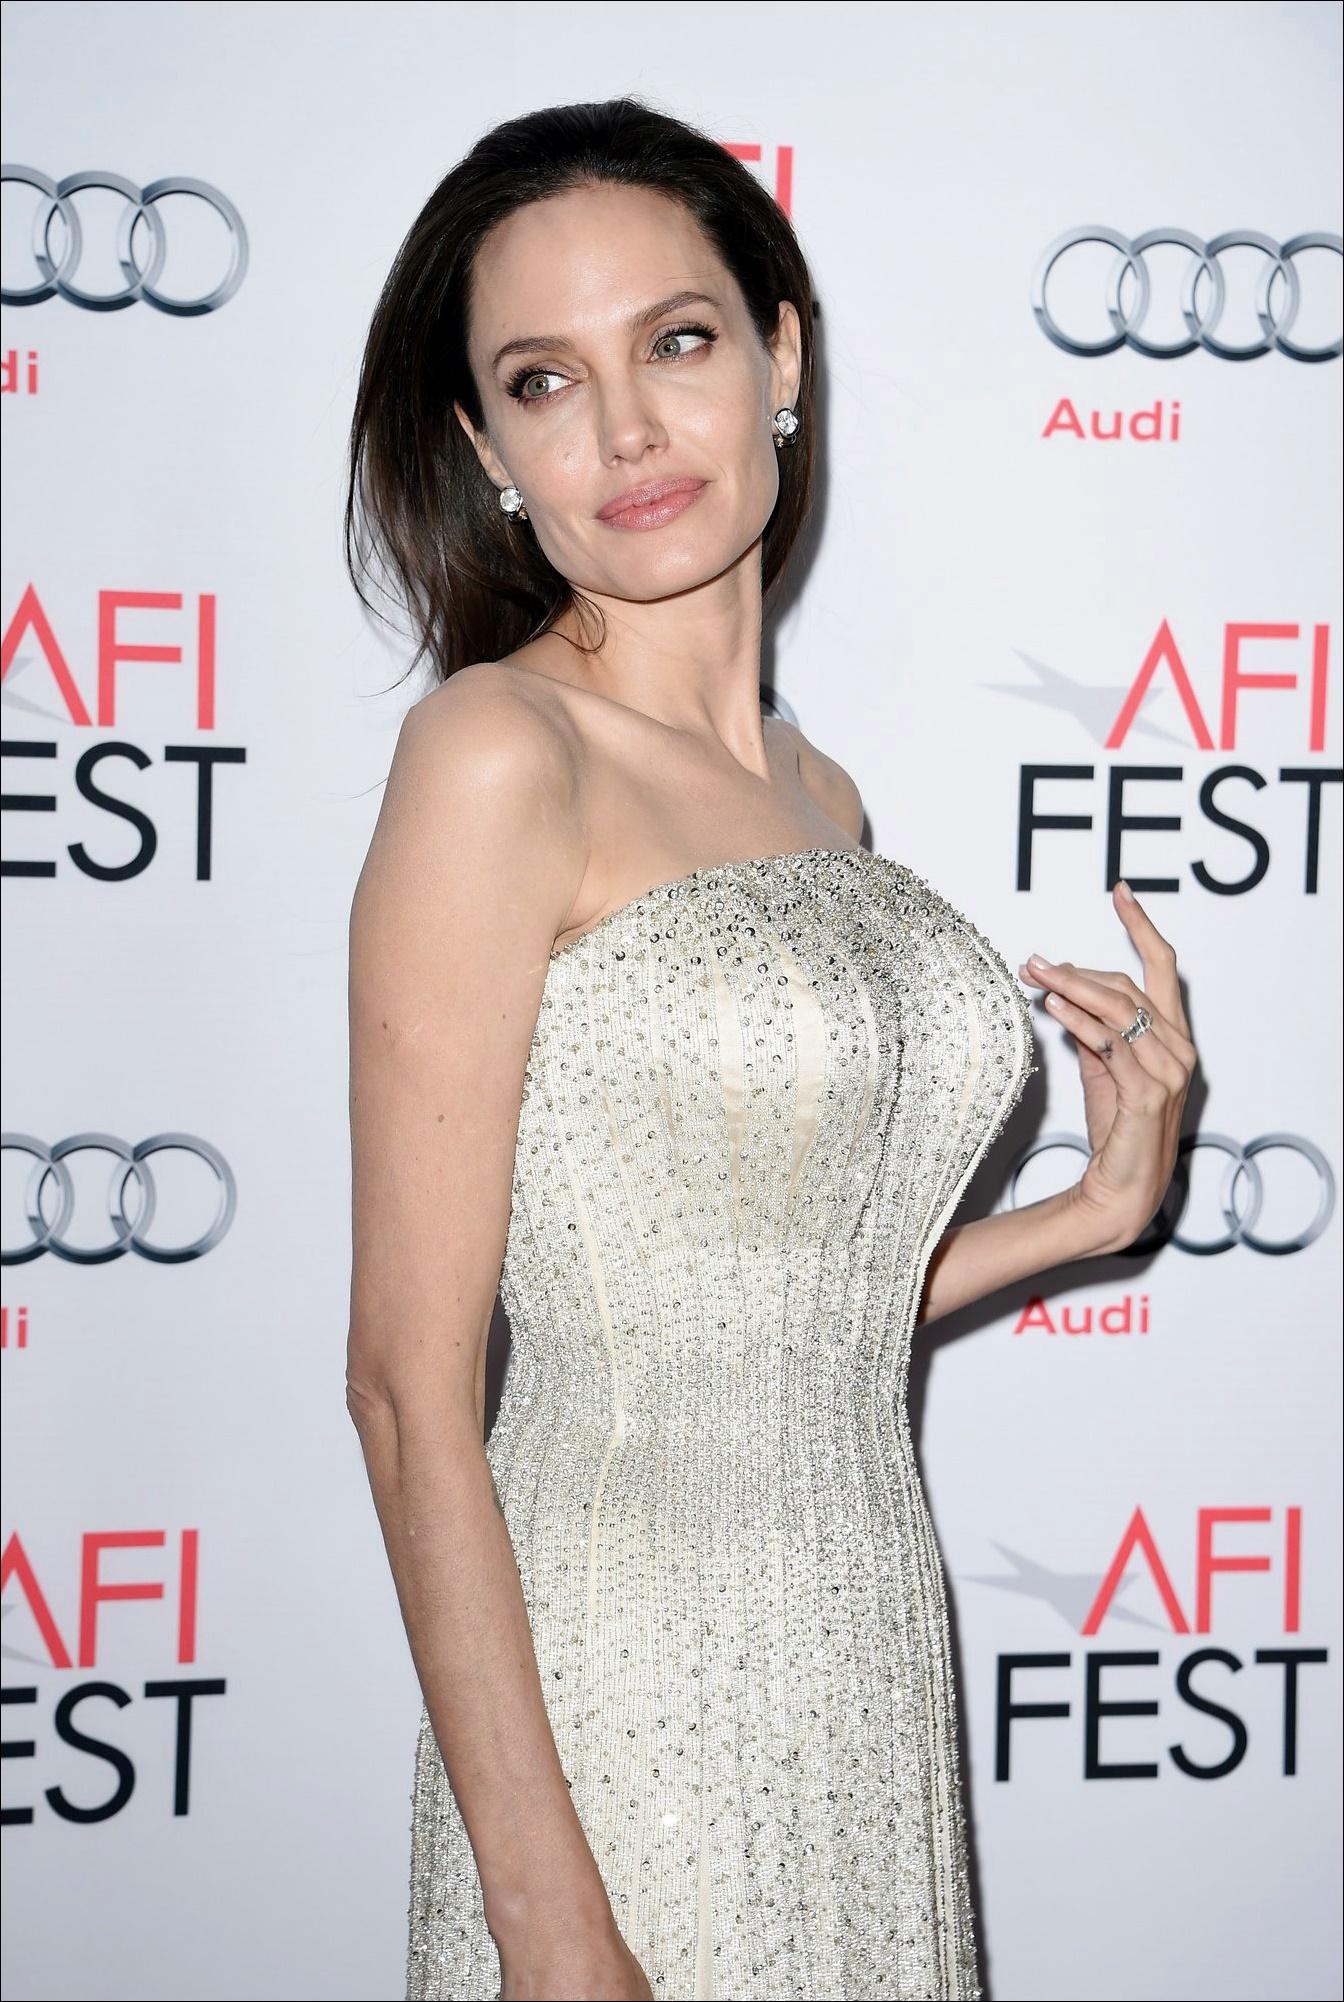 Angelina Jolie Nase Job Plastische Chirurgie vor und nach Fotos